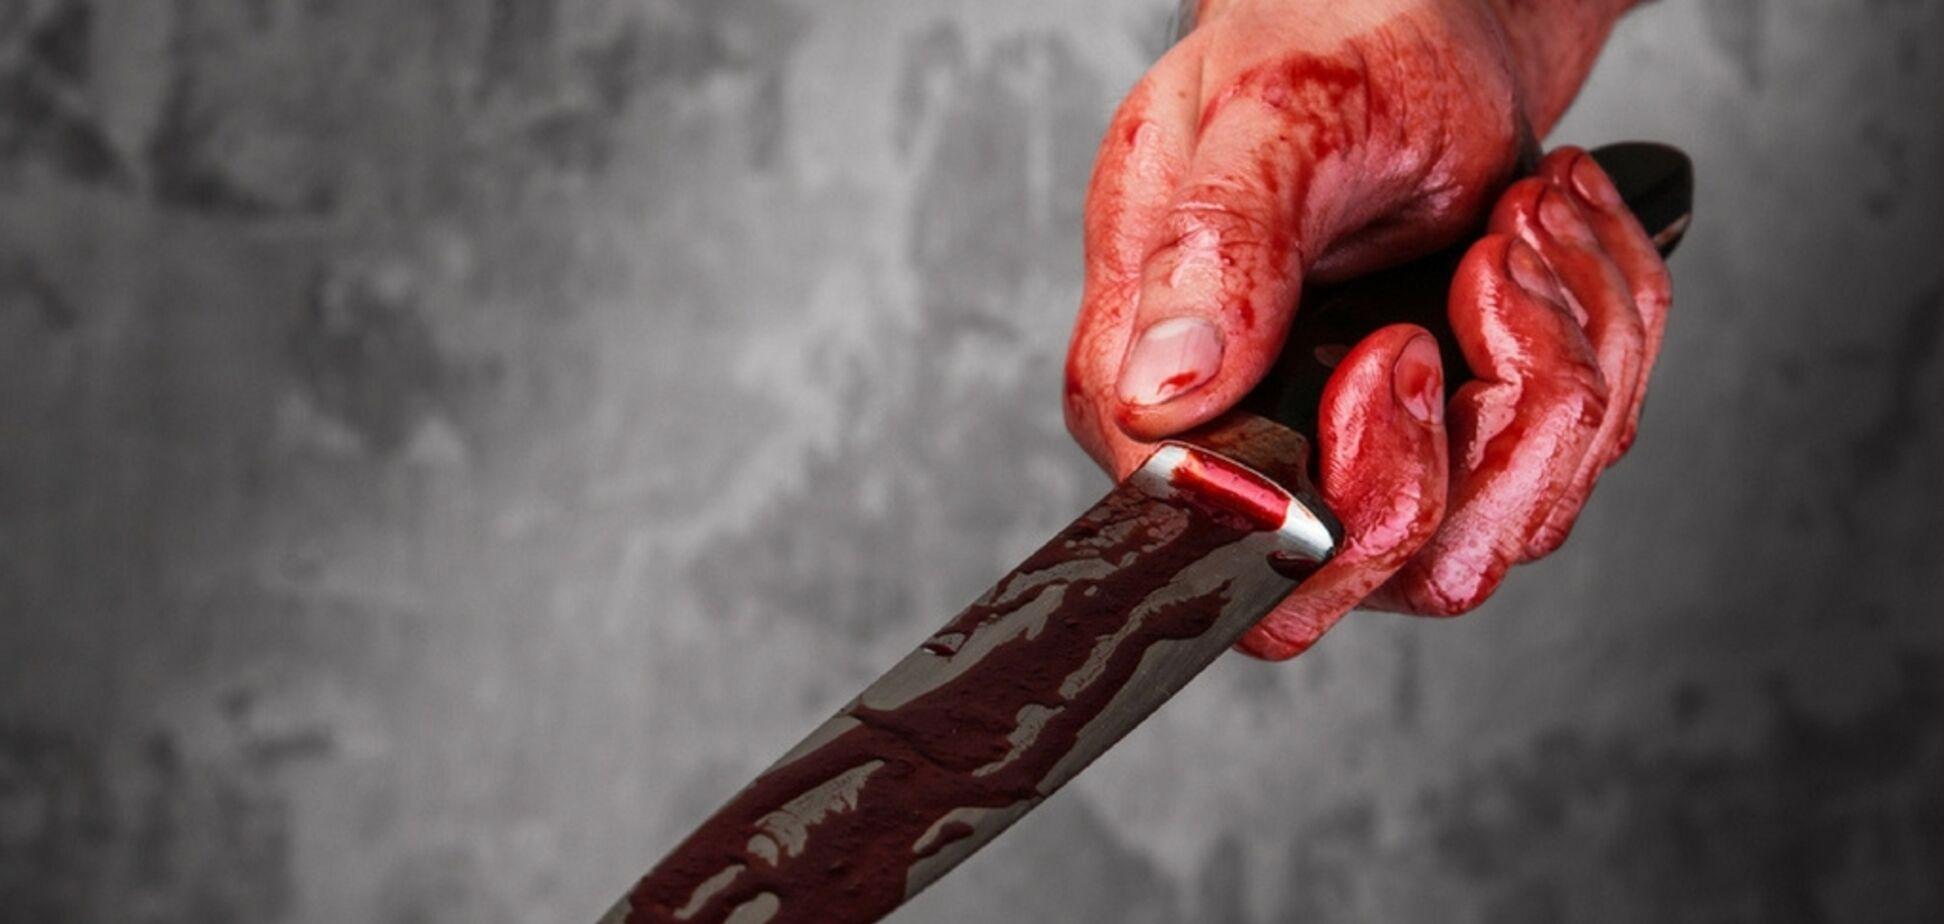 Лужи крови: в Кривом Роге произошел смертельный конфликт между мужчинами